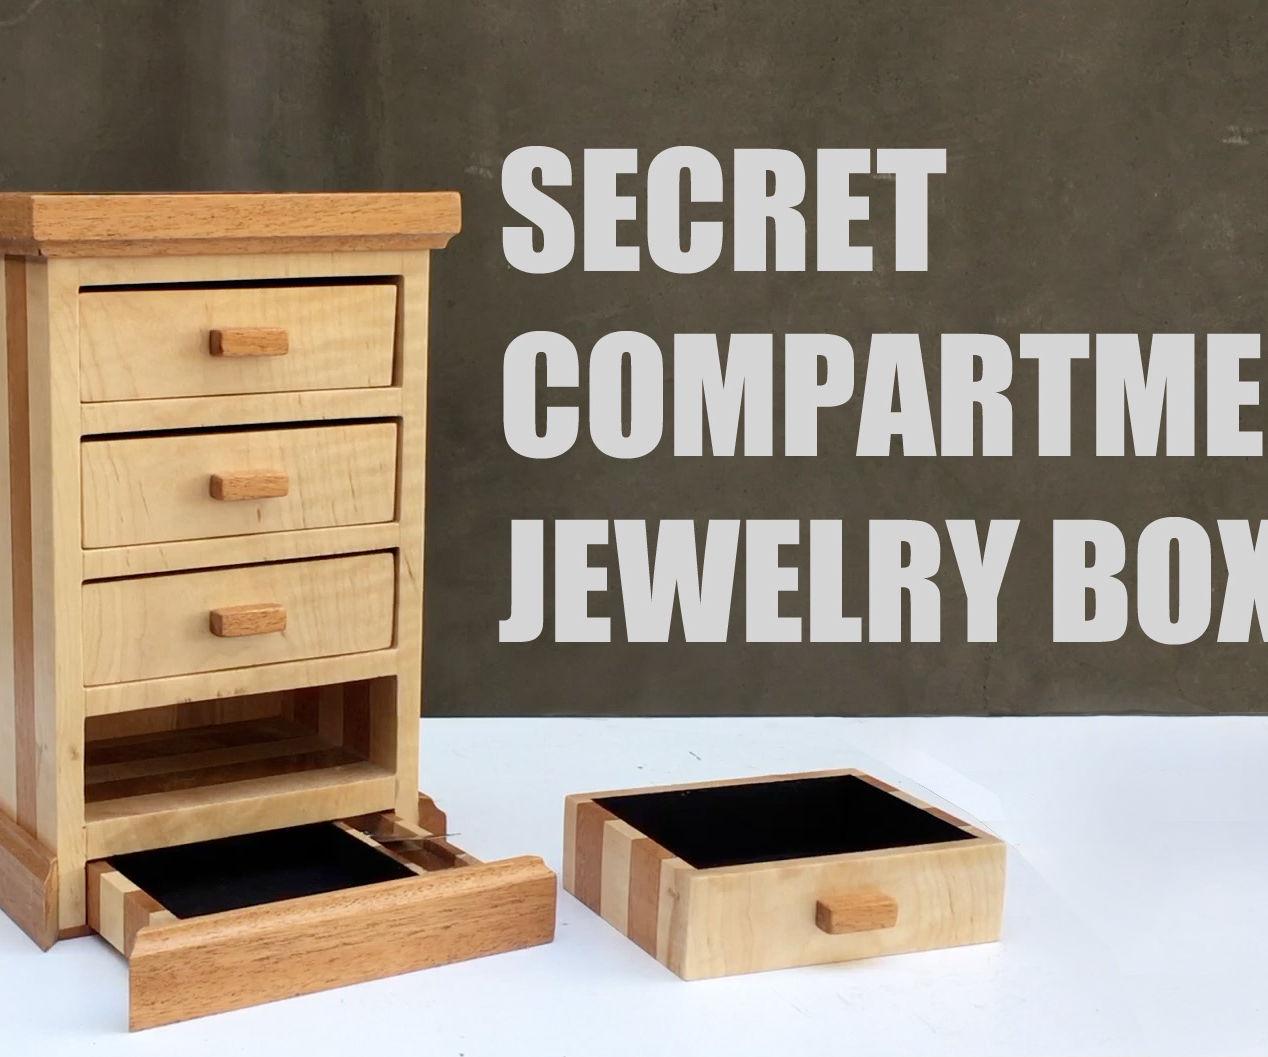 Secret Compartment Jewelry Box